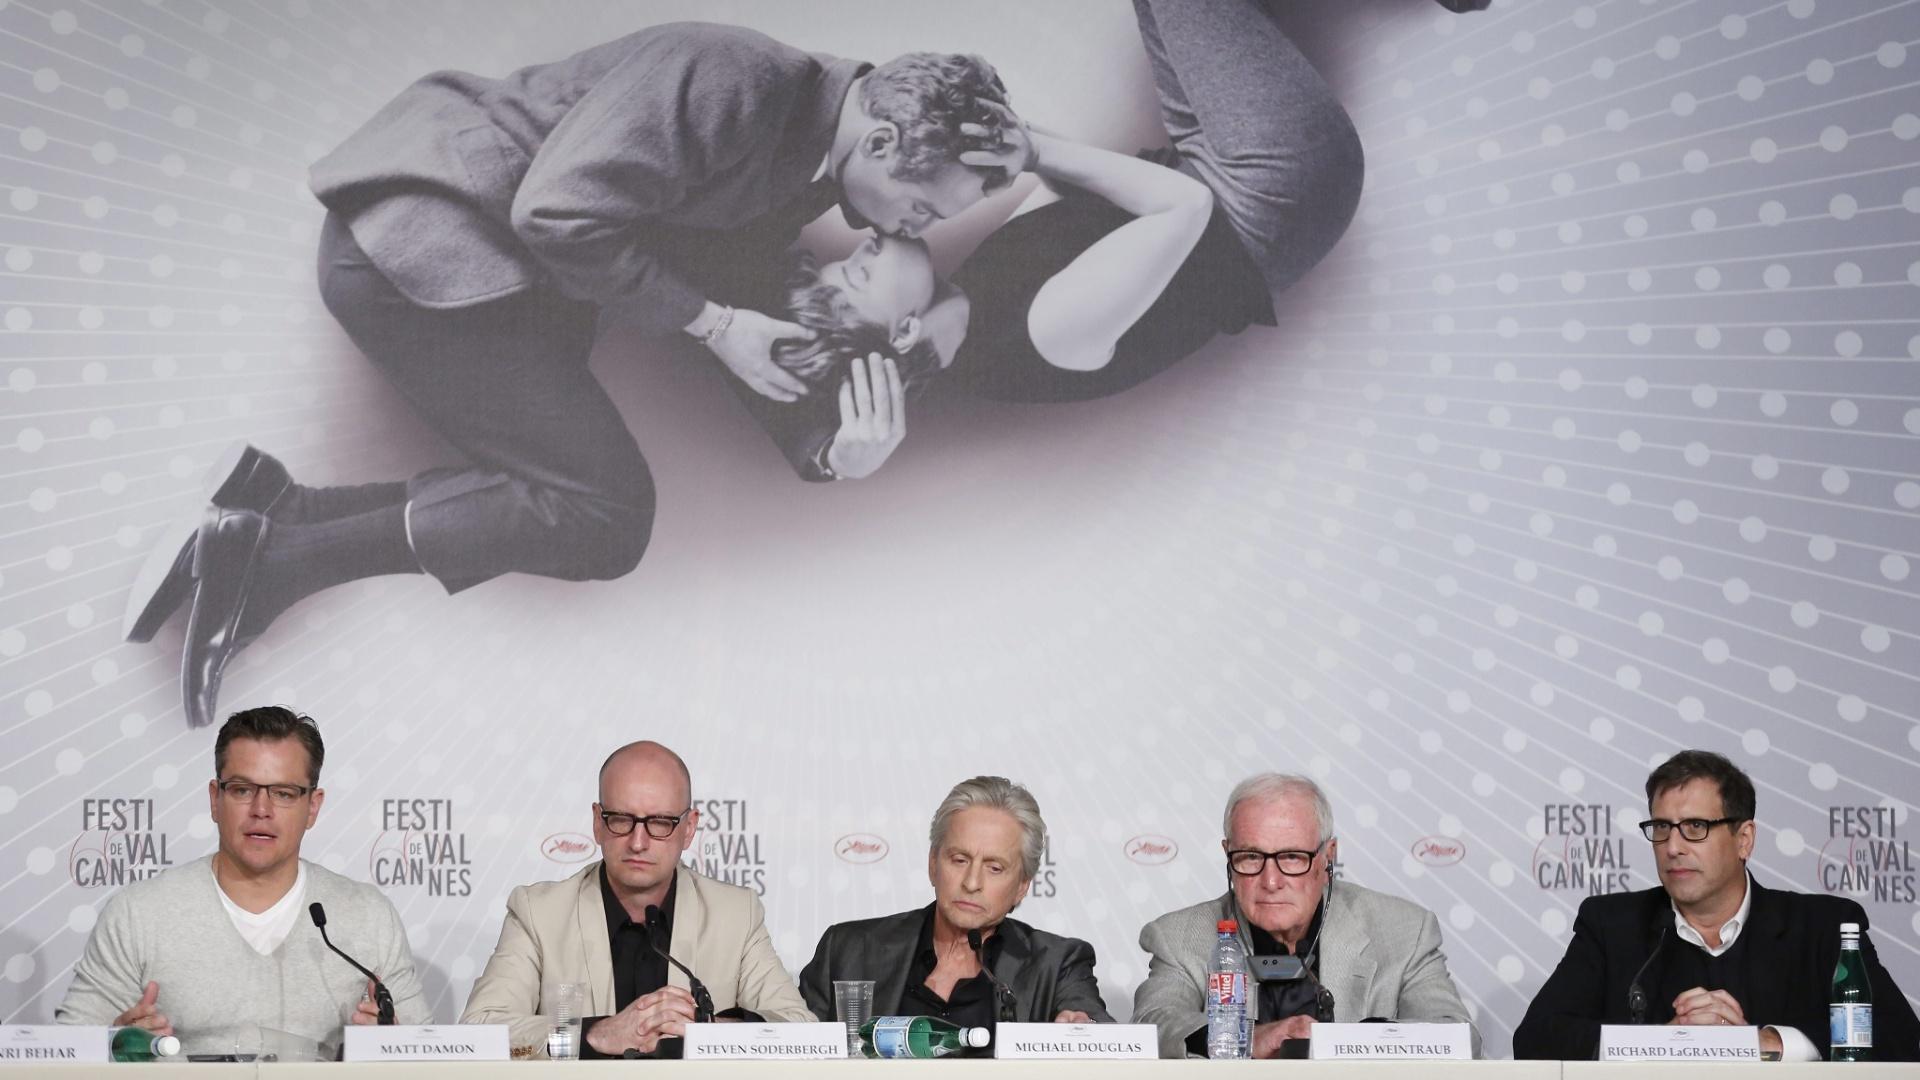 21.mai.2013 - Matt Damon, o diretor Steven Soderbergh, Michael Douglas, o produtor Jerry Weintraub e o roteirista Richard Lagravenese falam à imprensa sobre o filme